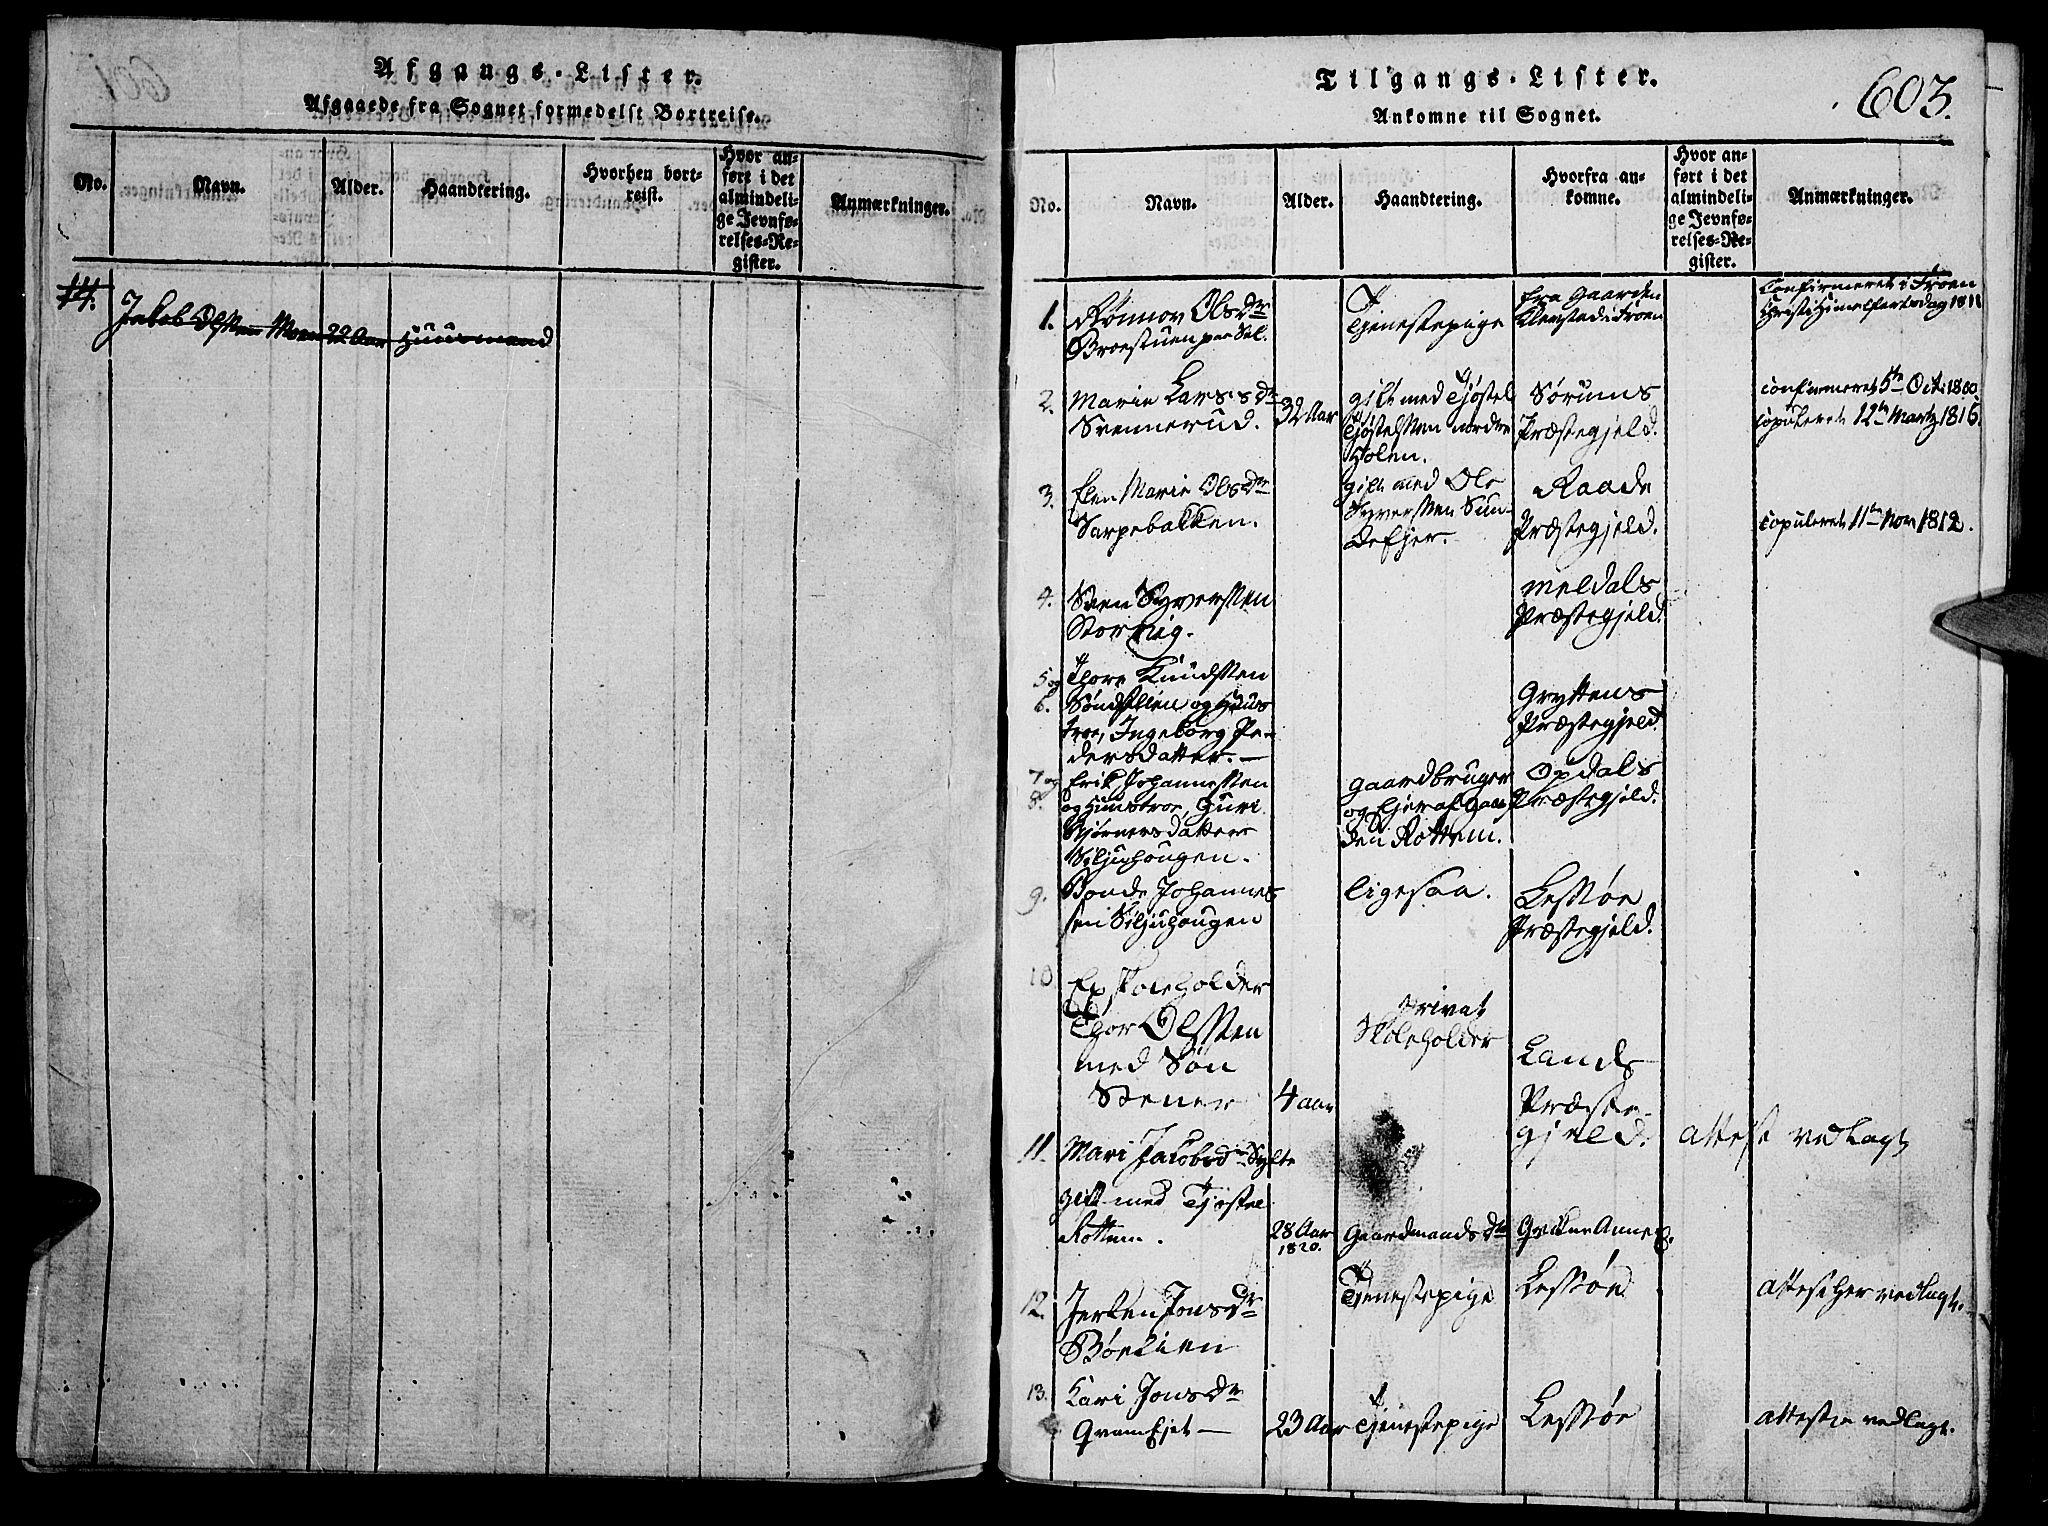 SAH, Vågå prestekontor, Klokkerbok nr. 1, 1815-1827, s. 602-603